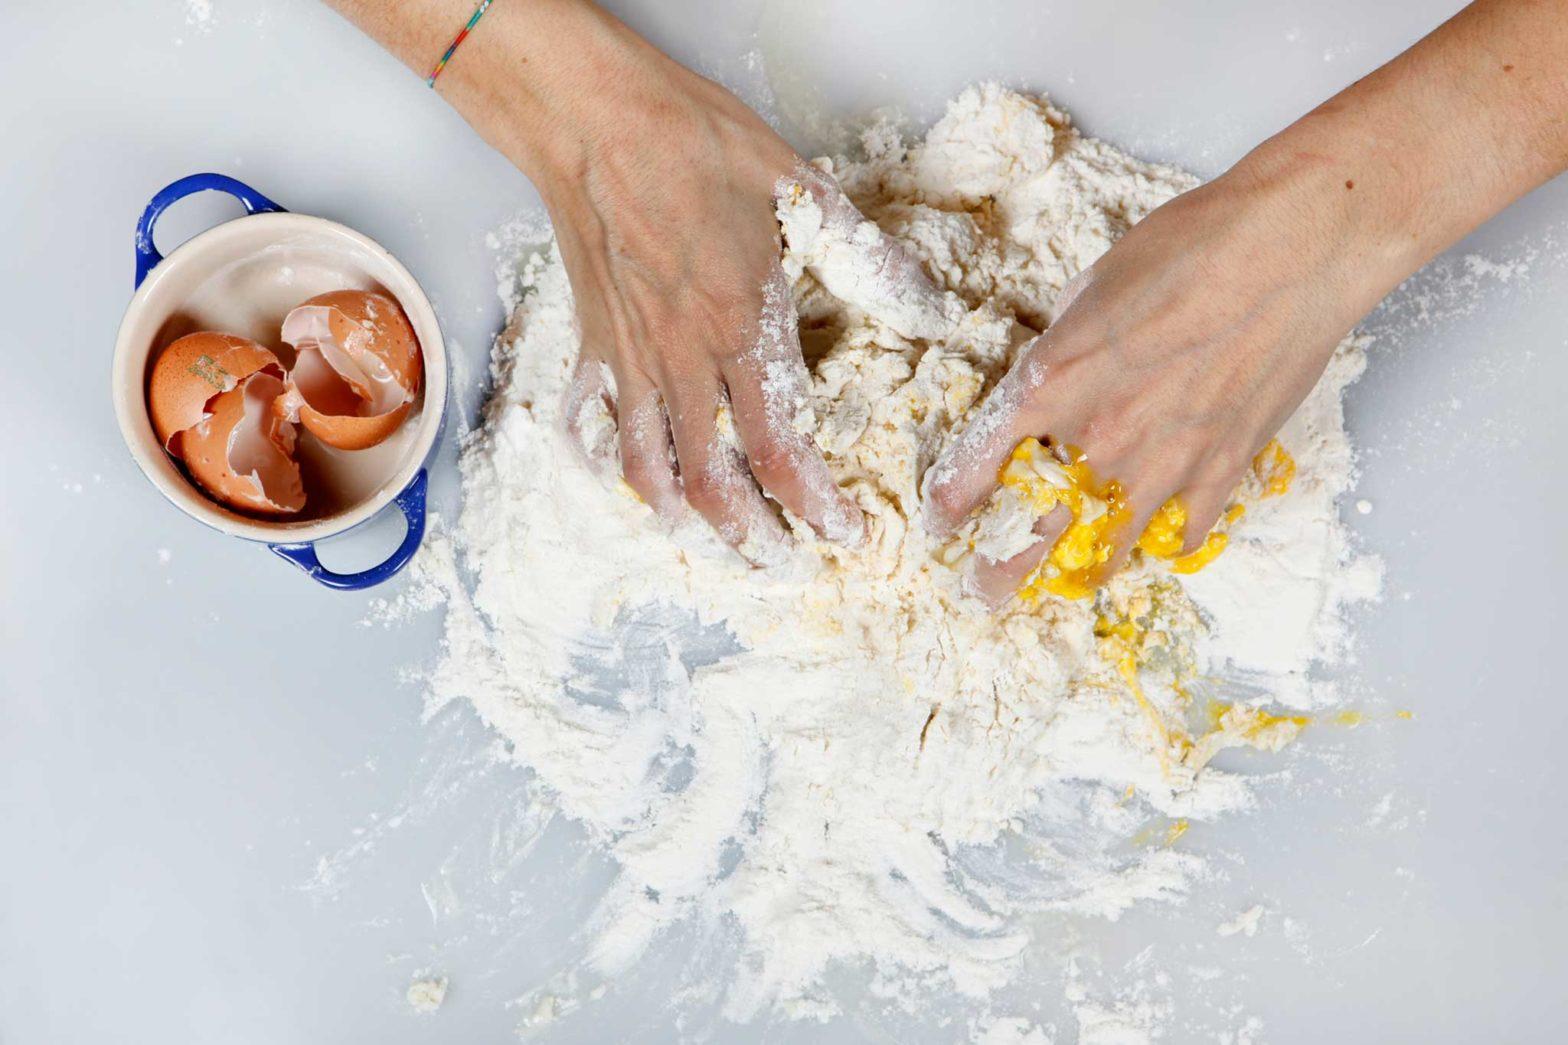 Chiacchiere gonfie sal de riso